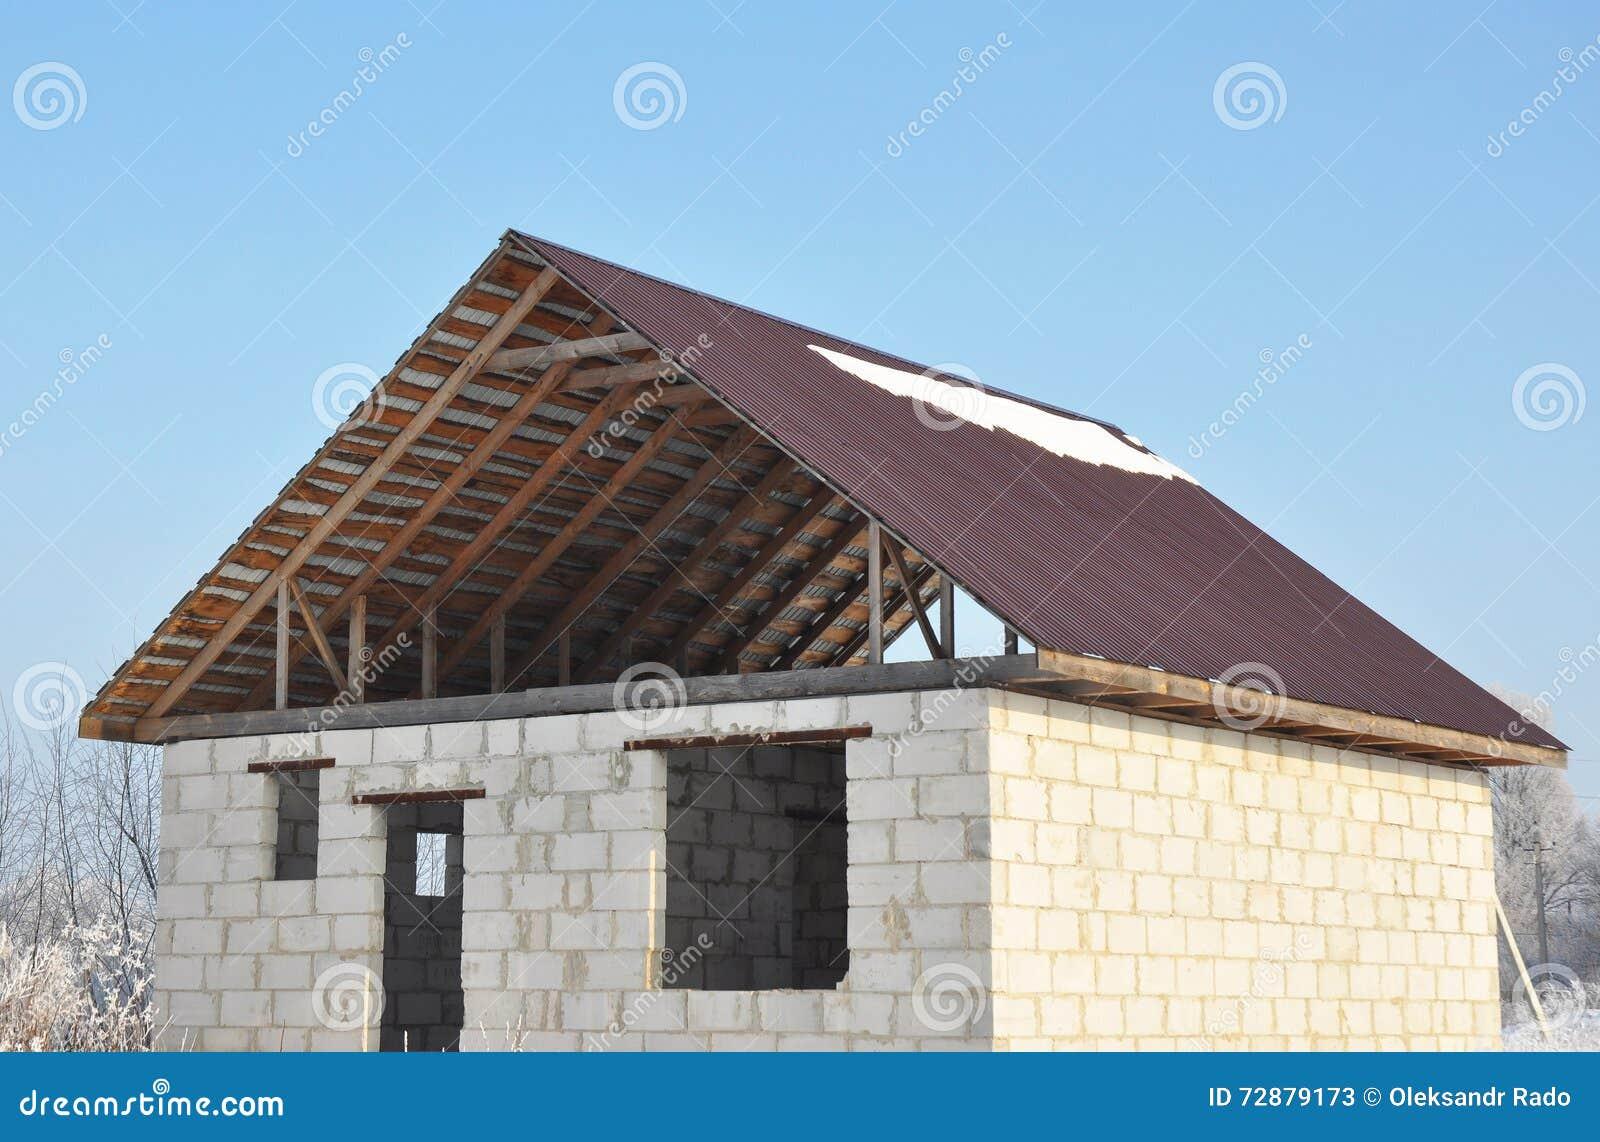 Construcci n de la techumbre la nueva casa constructiva de for Casas de ladrillo visto fotos